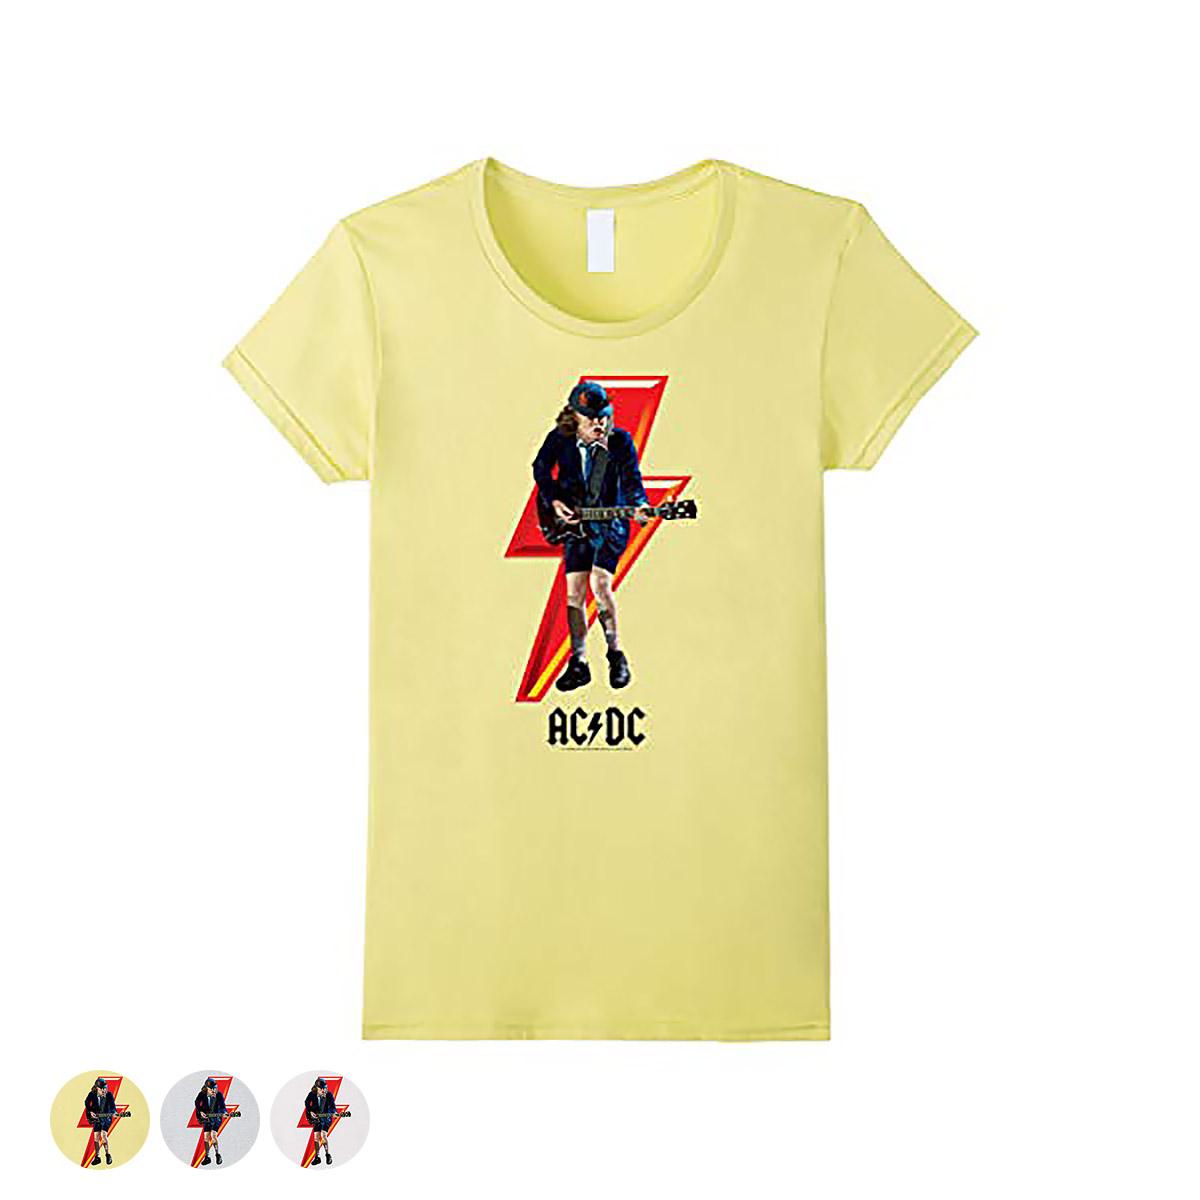 Women's Lead Guitar T-shirt